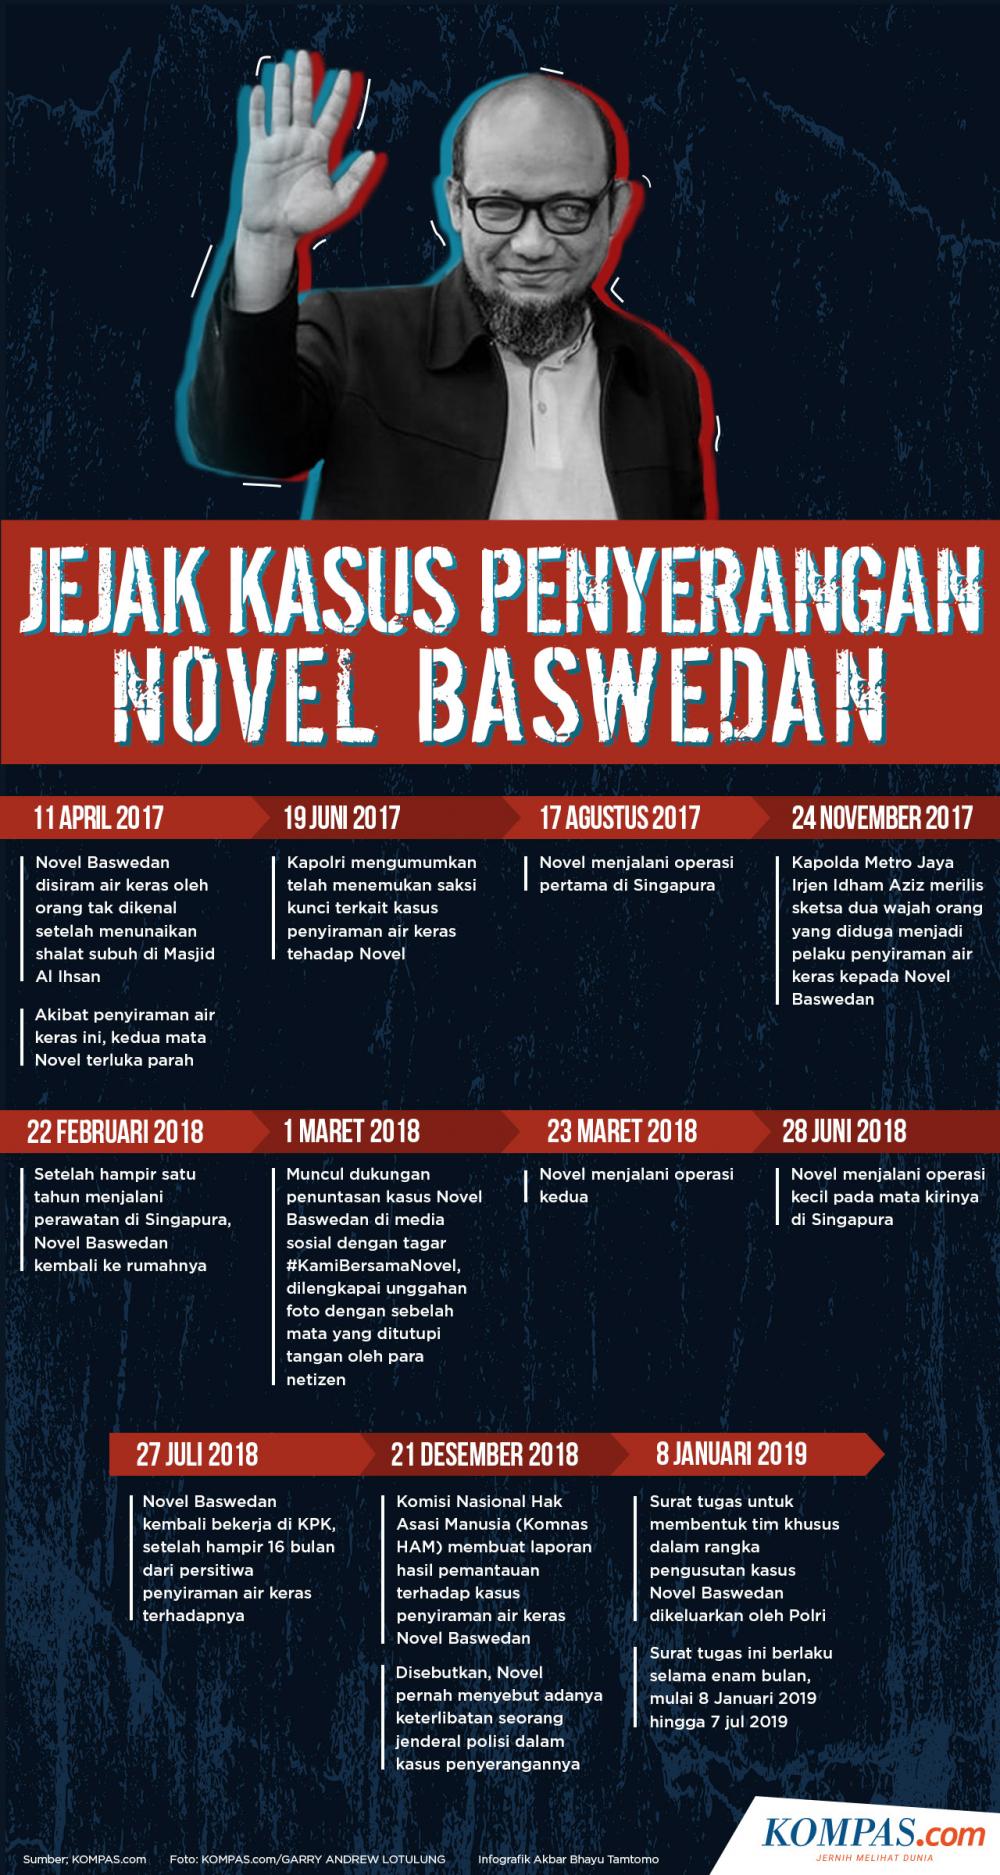 Infografik: Jejak Kasus Penyerangan Novel Baswedan